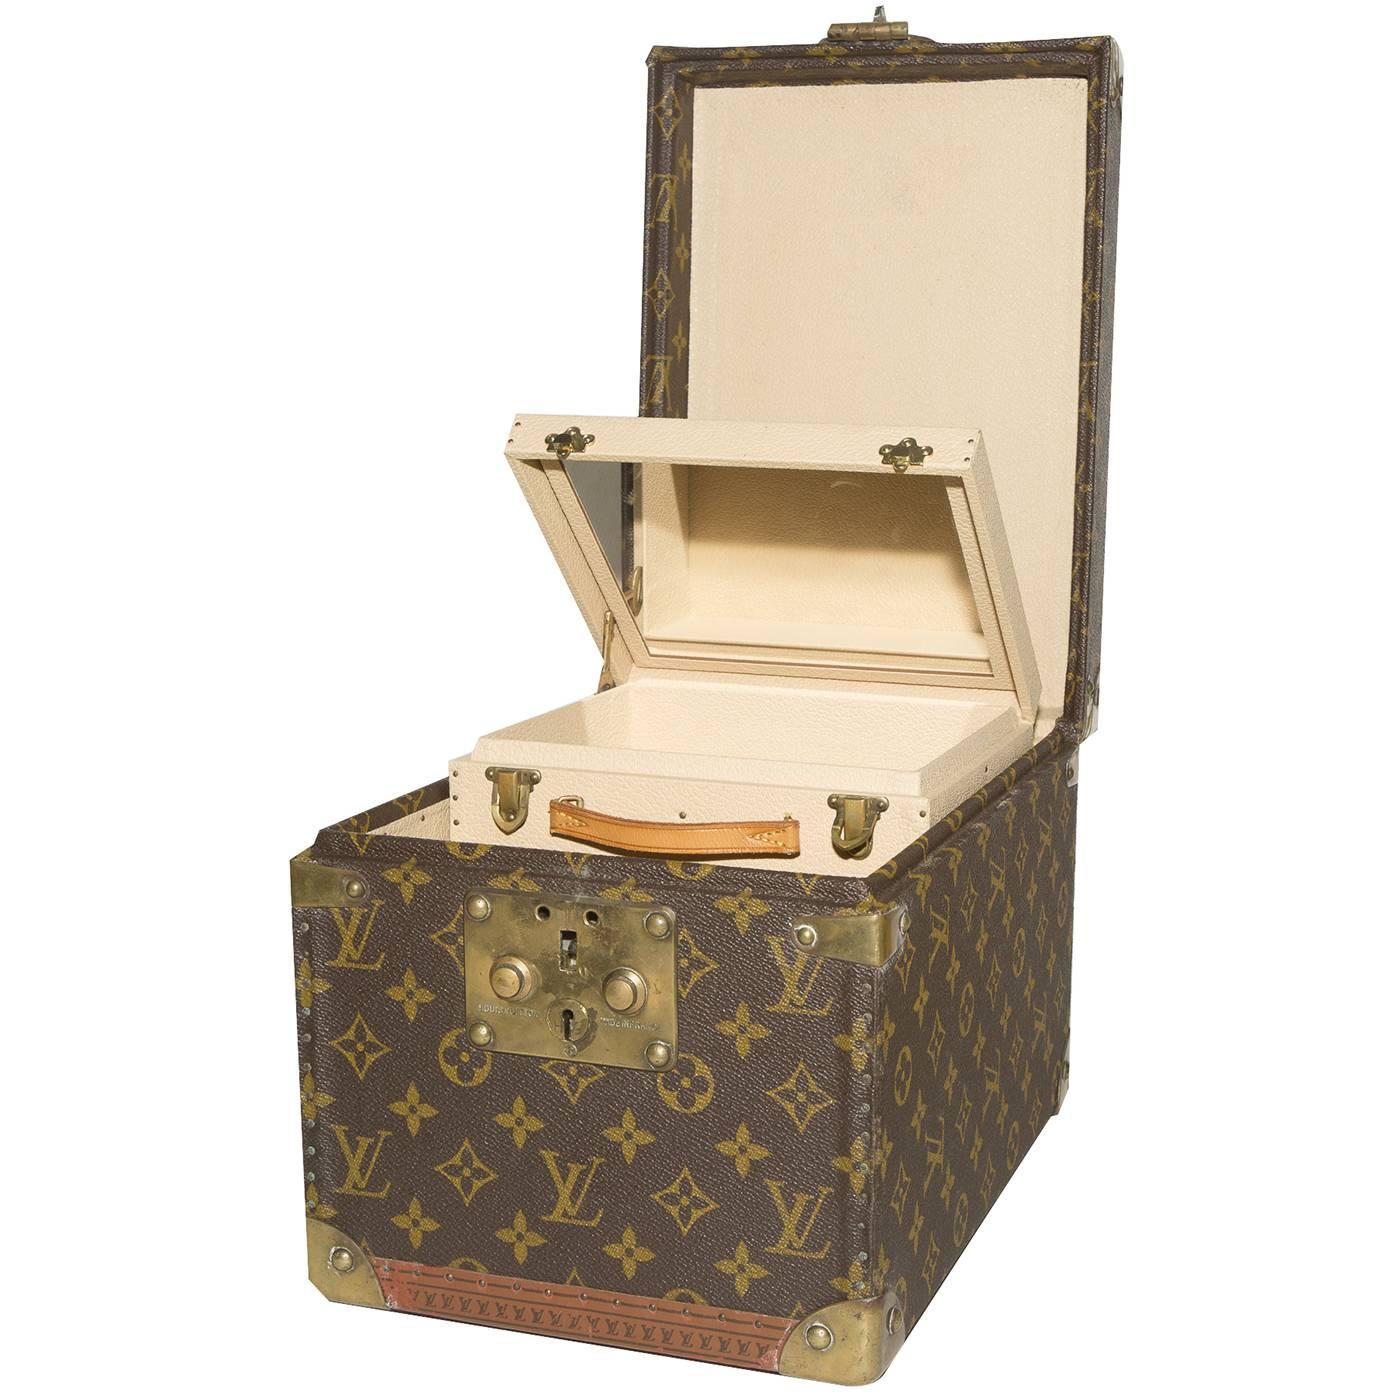 Beauty Case, Louis Vuitton, 1950s, France